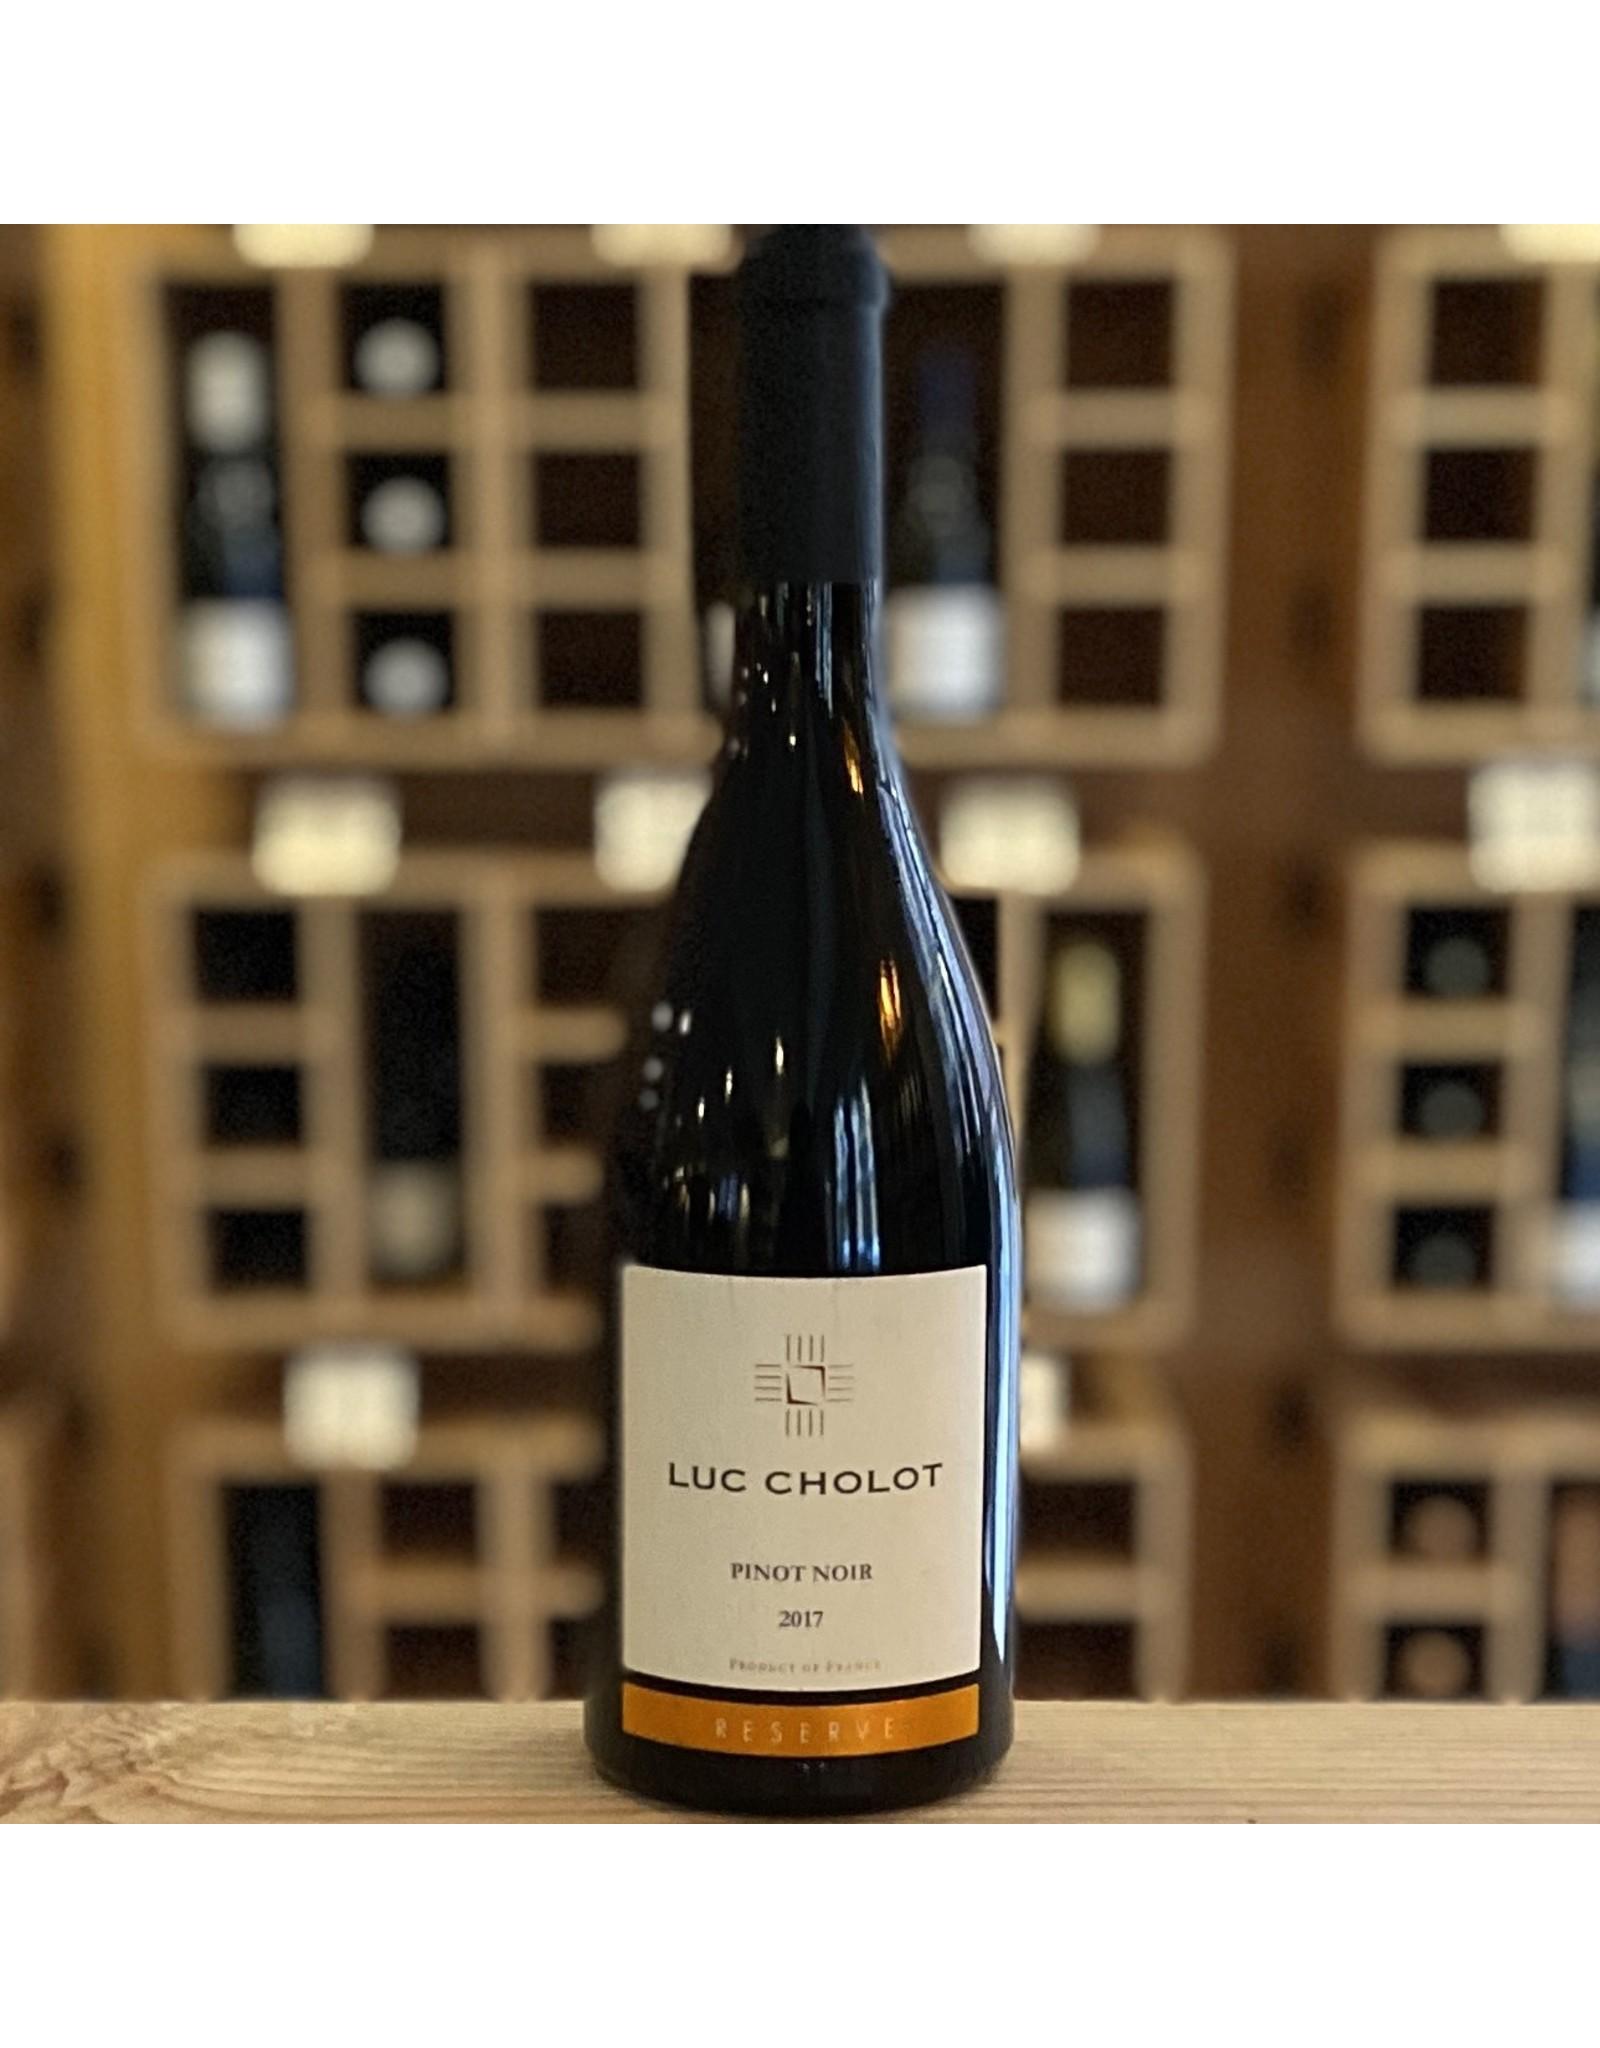 """Languedoc-Roussillon Luc Cholot """"Reserve"""" Pinot Noir 2018 - Lanquedoc-Roussilon, France"""